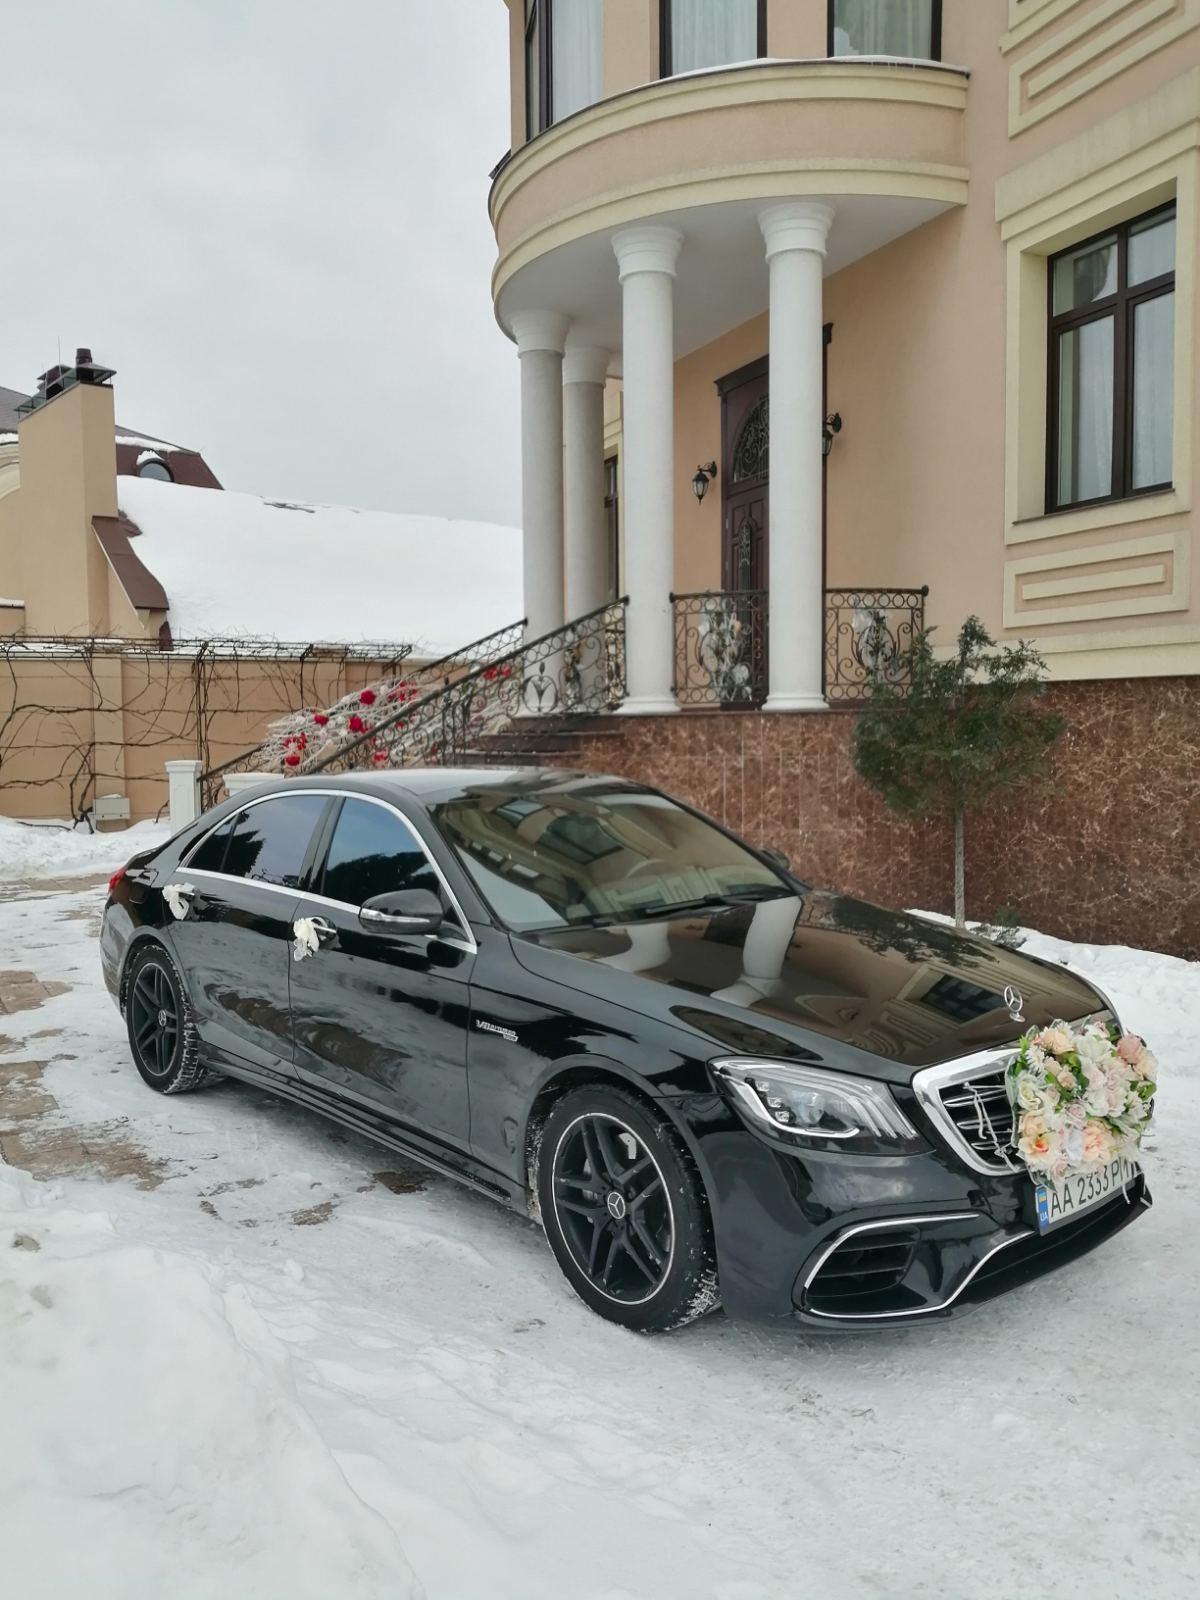 Взять авто в аренду по Киеву, по Украине